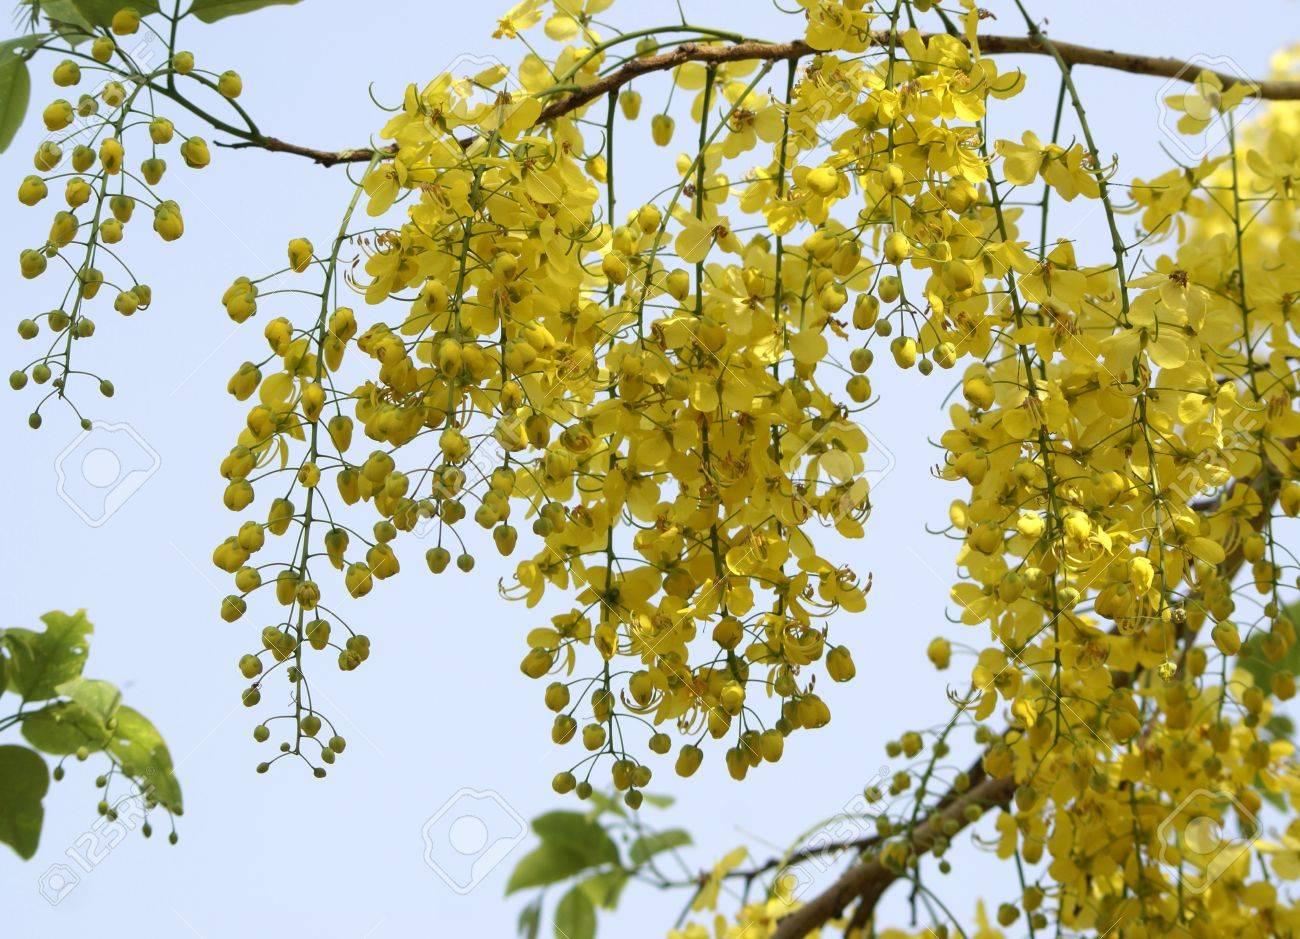 Cassia Fistule Amaltas Arbre De Floraison D Ete Commun En Fleurs